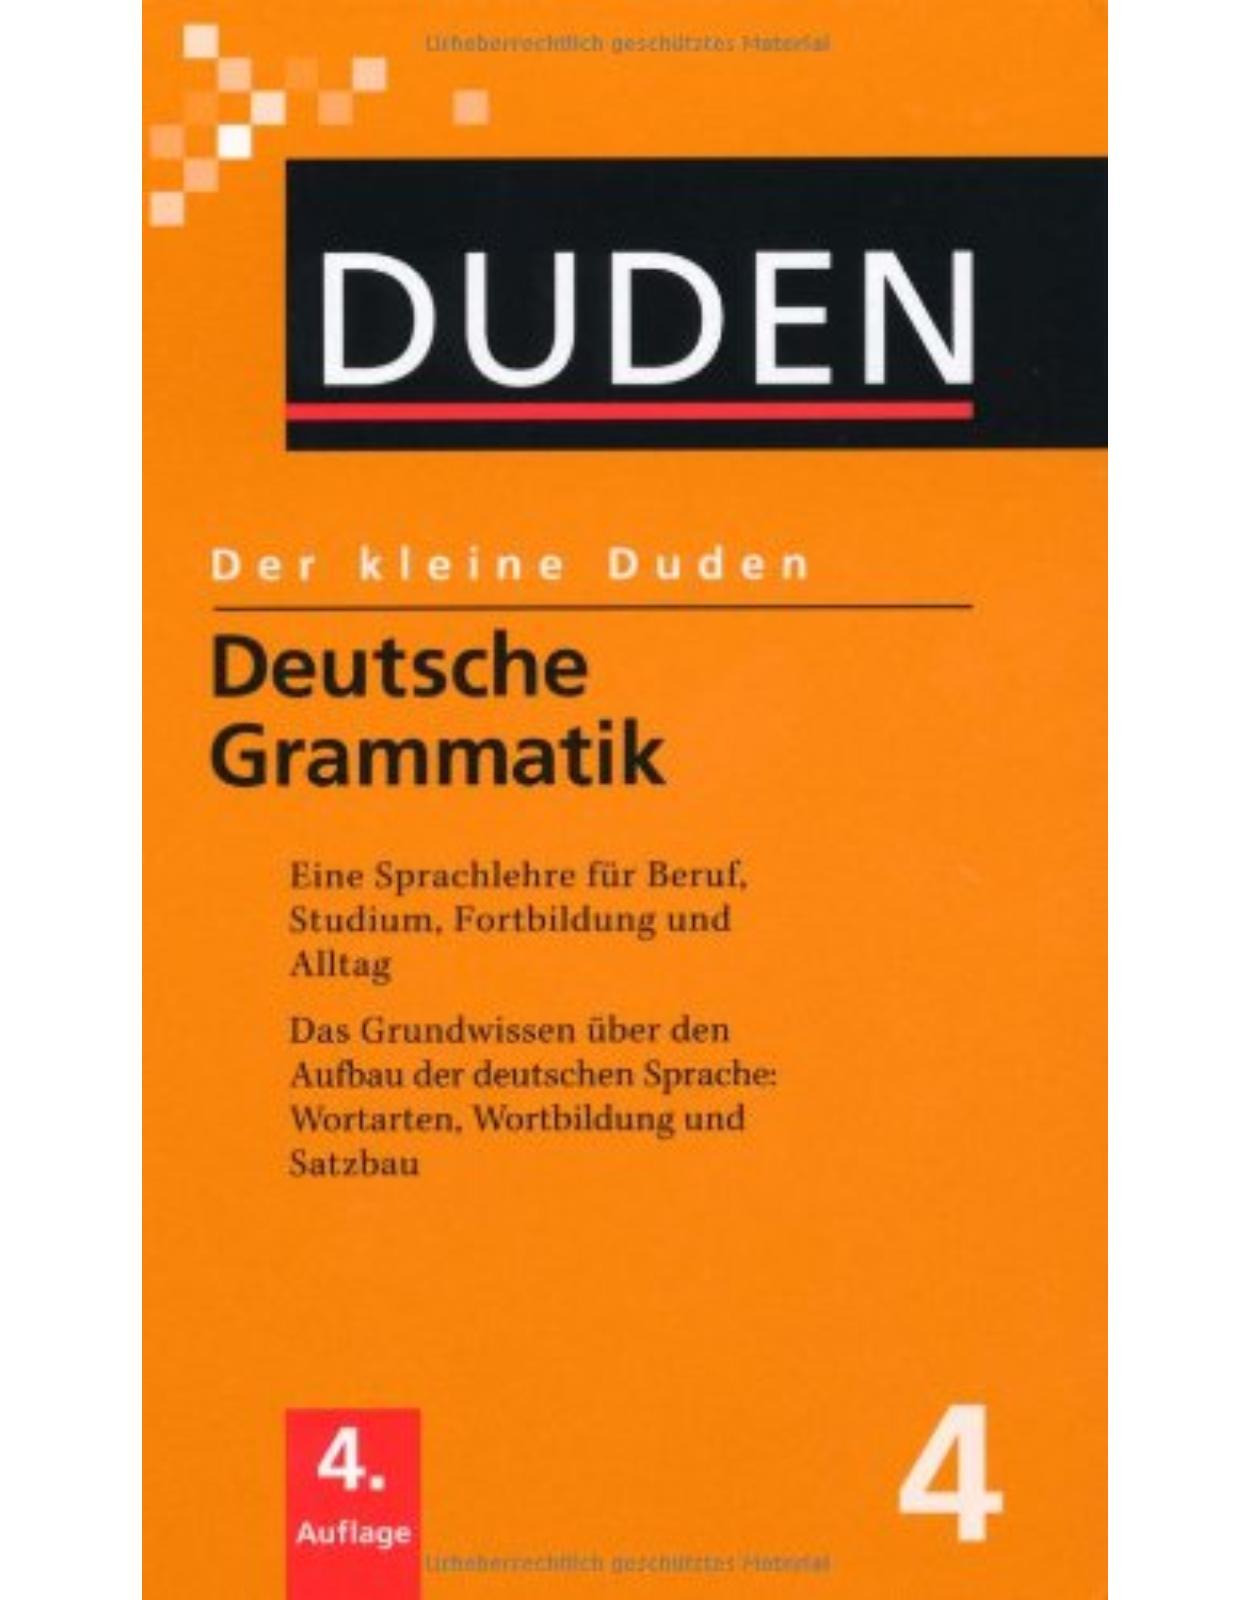 Der kleine Duden - Band 4 : Deutsche Grammatik